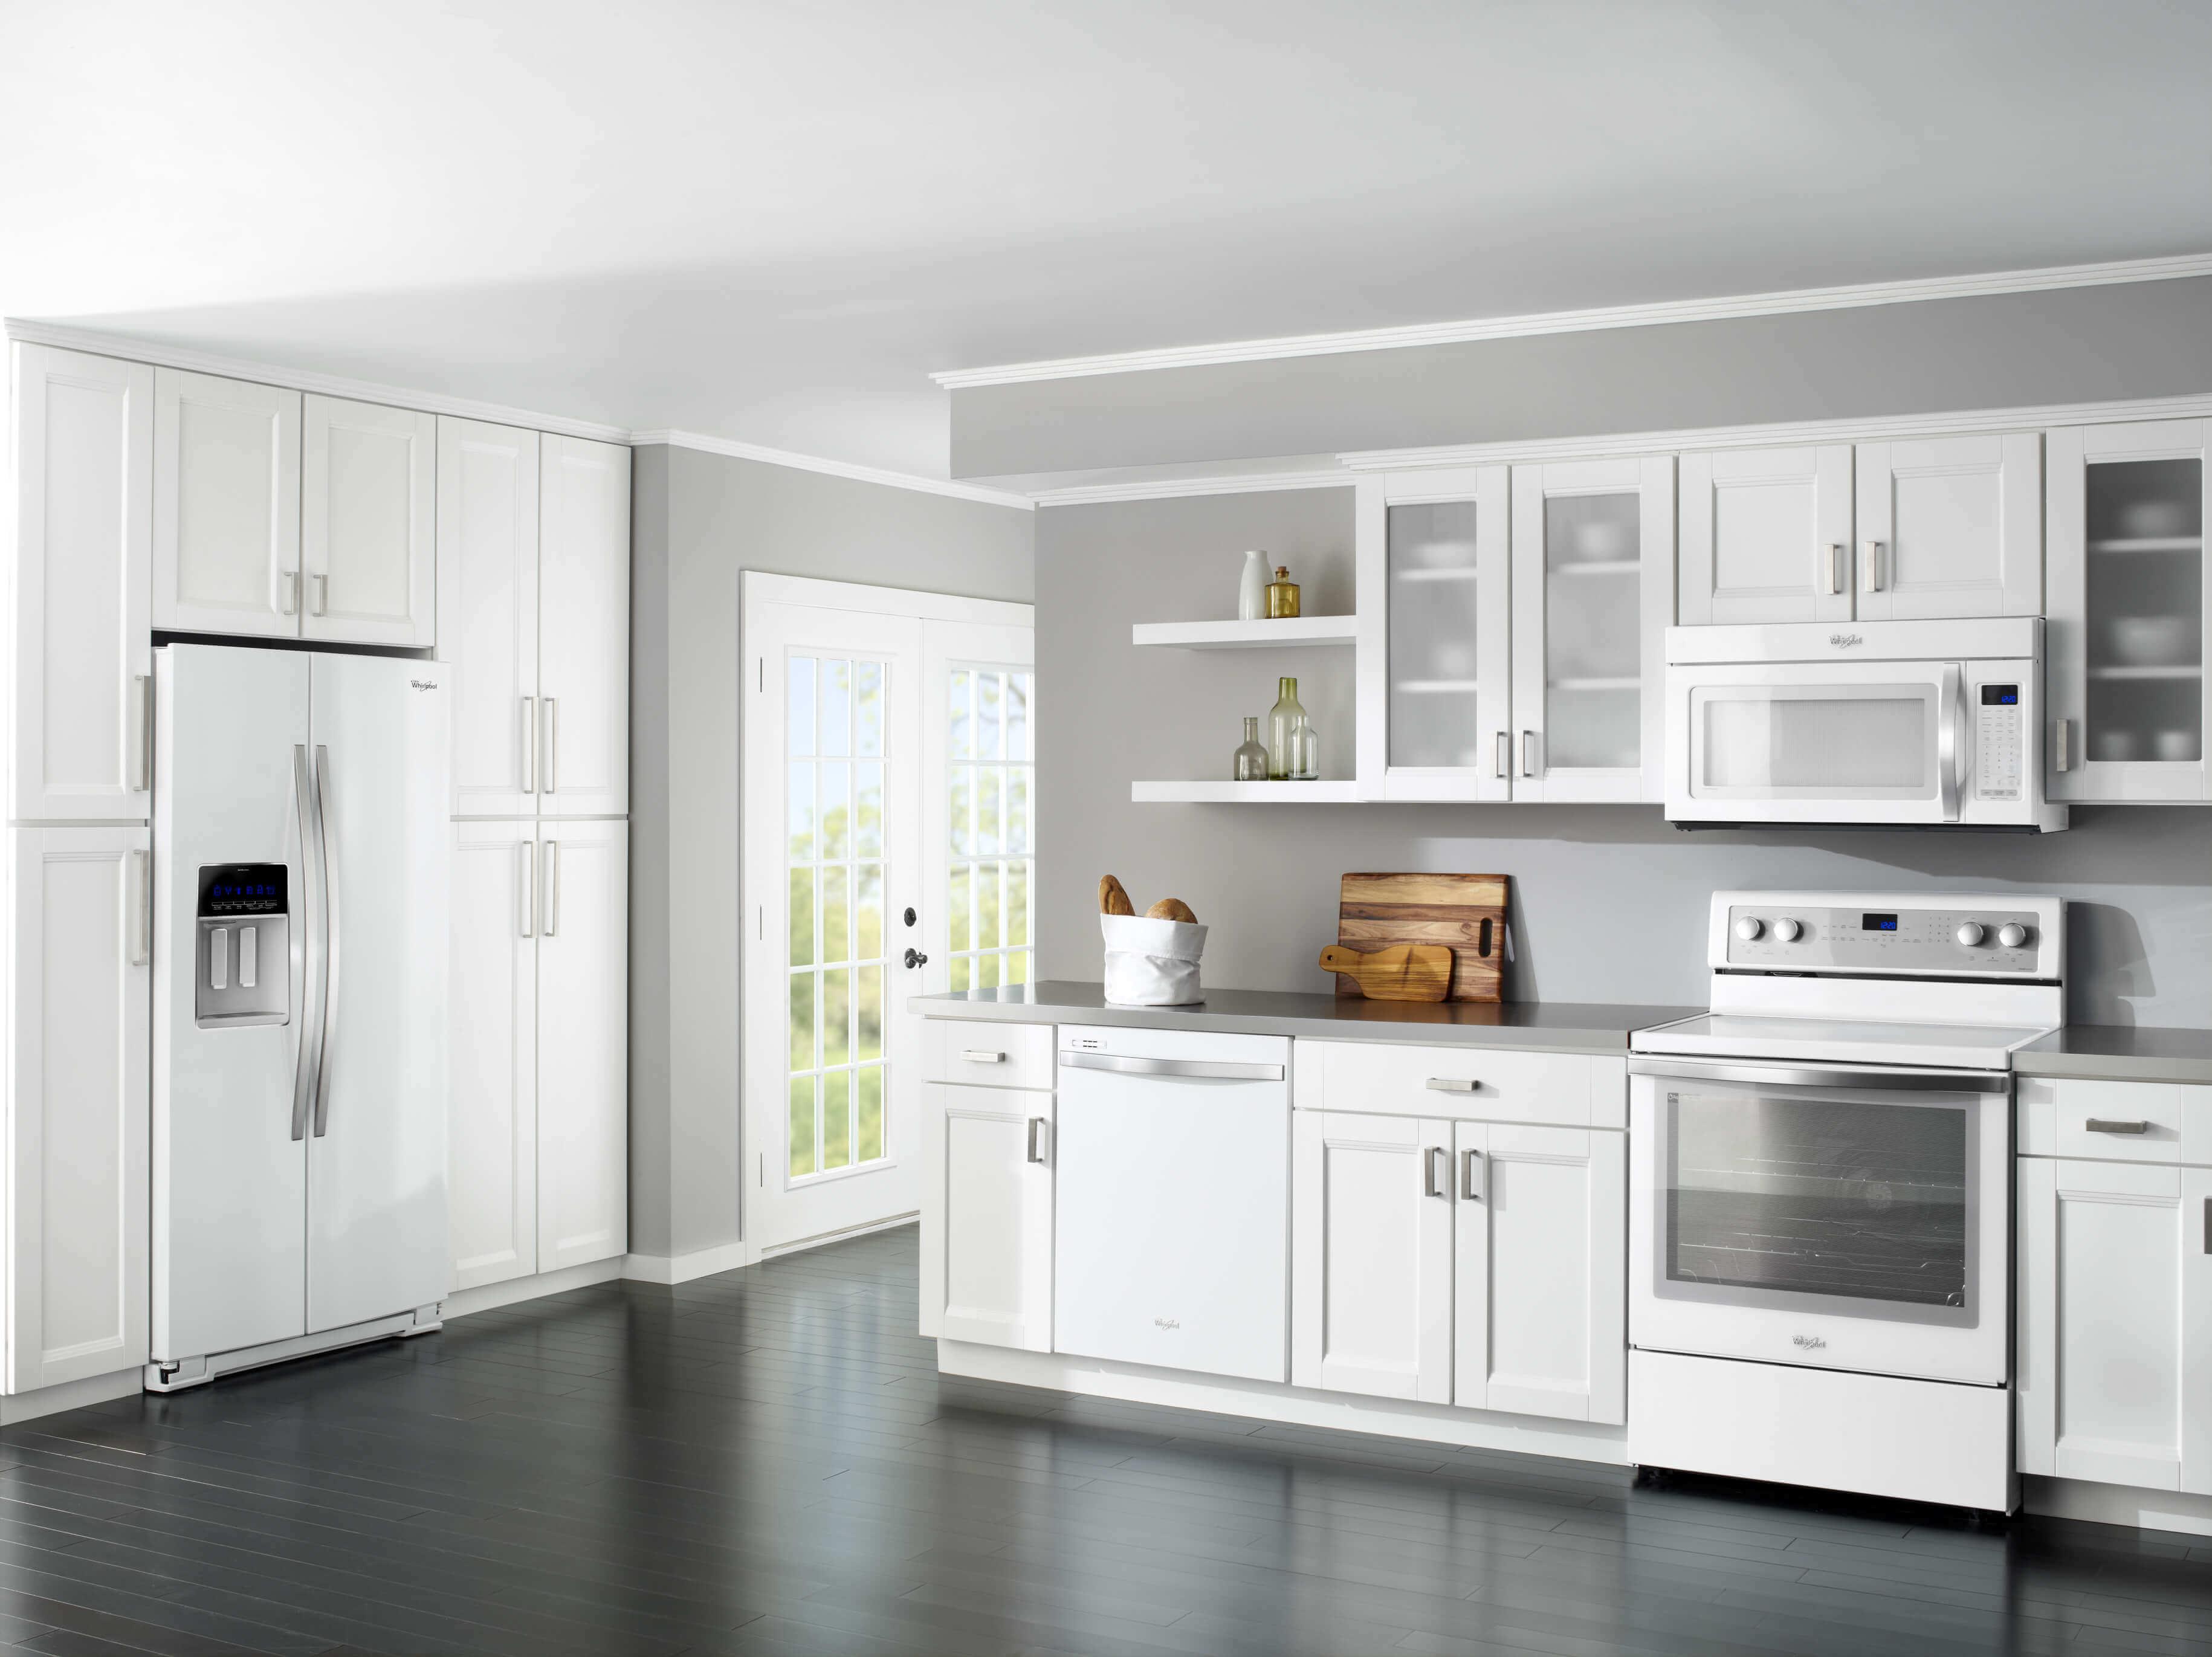 Modern Kitchen Design with White Appliances